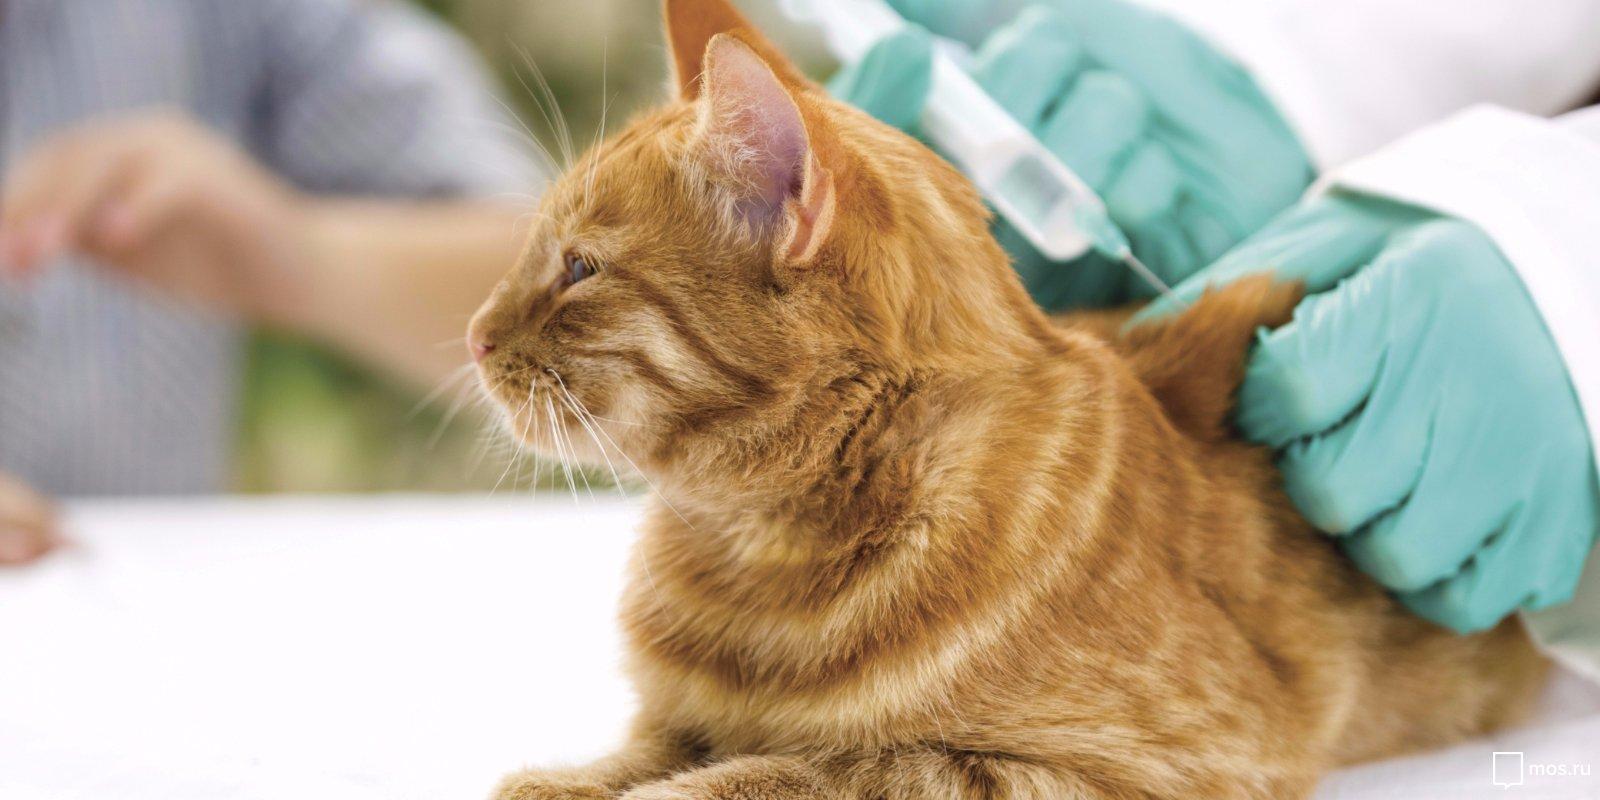 вакцинация домашних животных фото